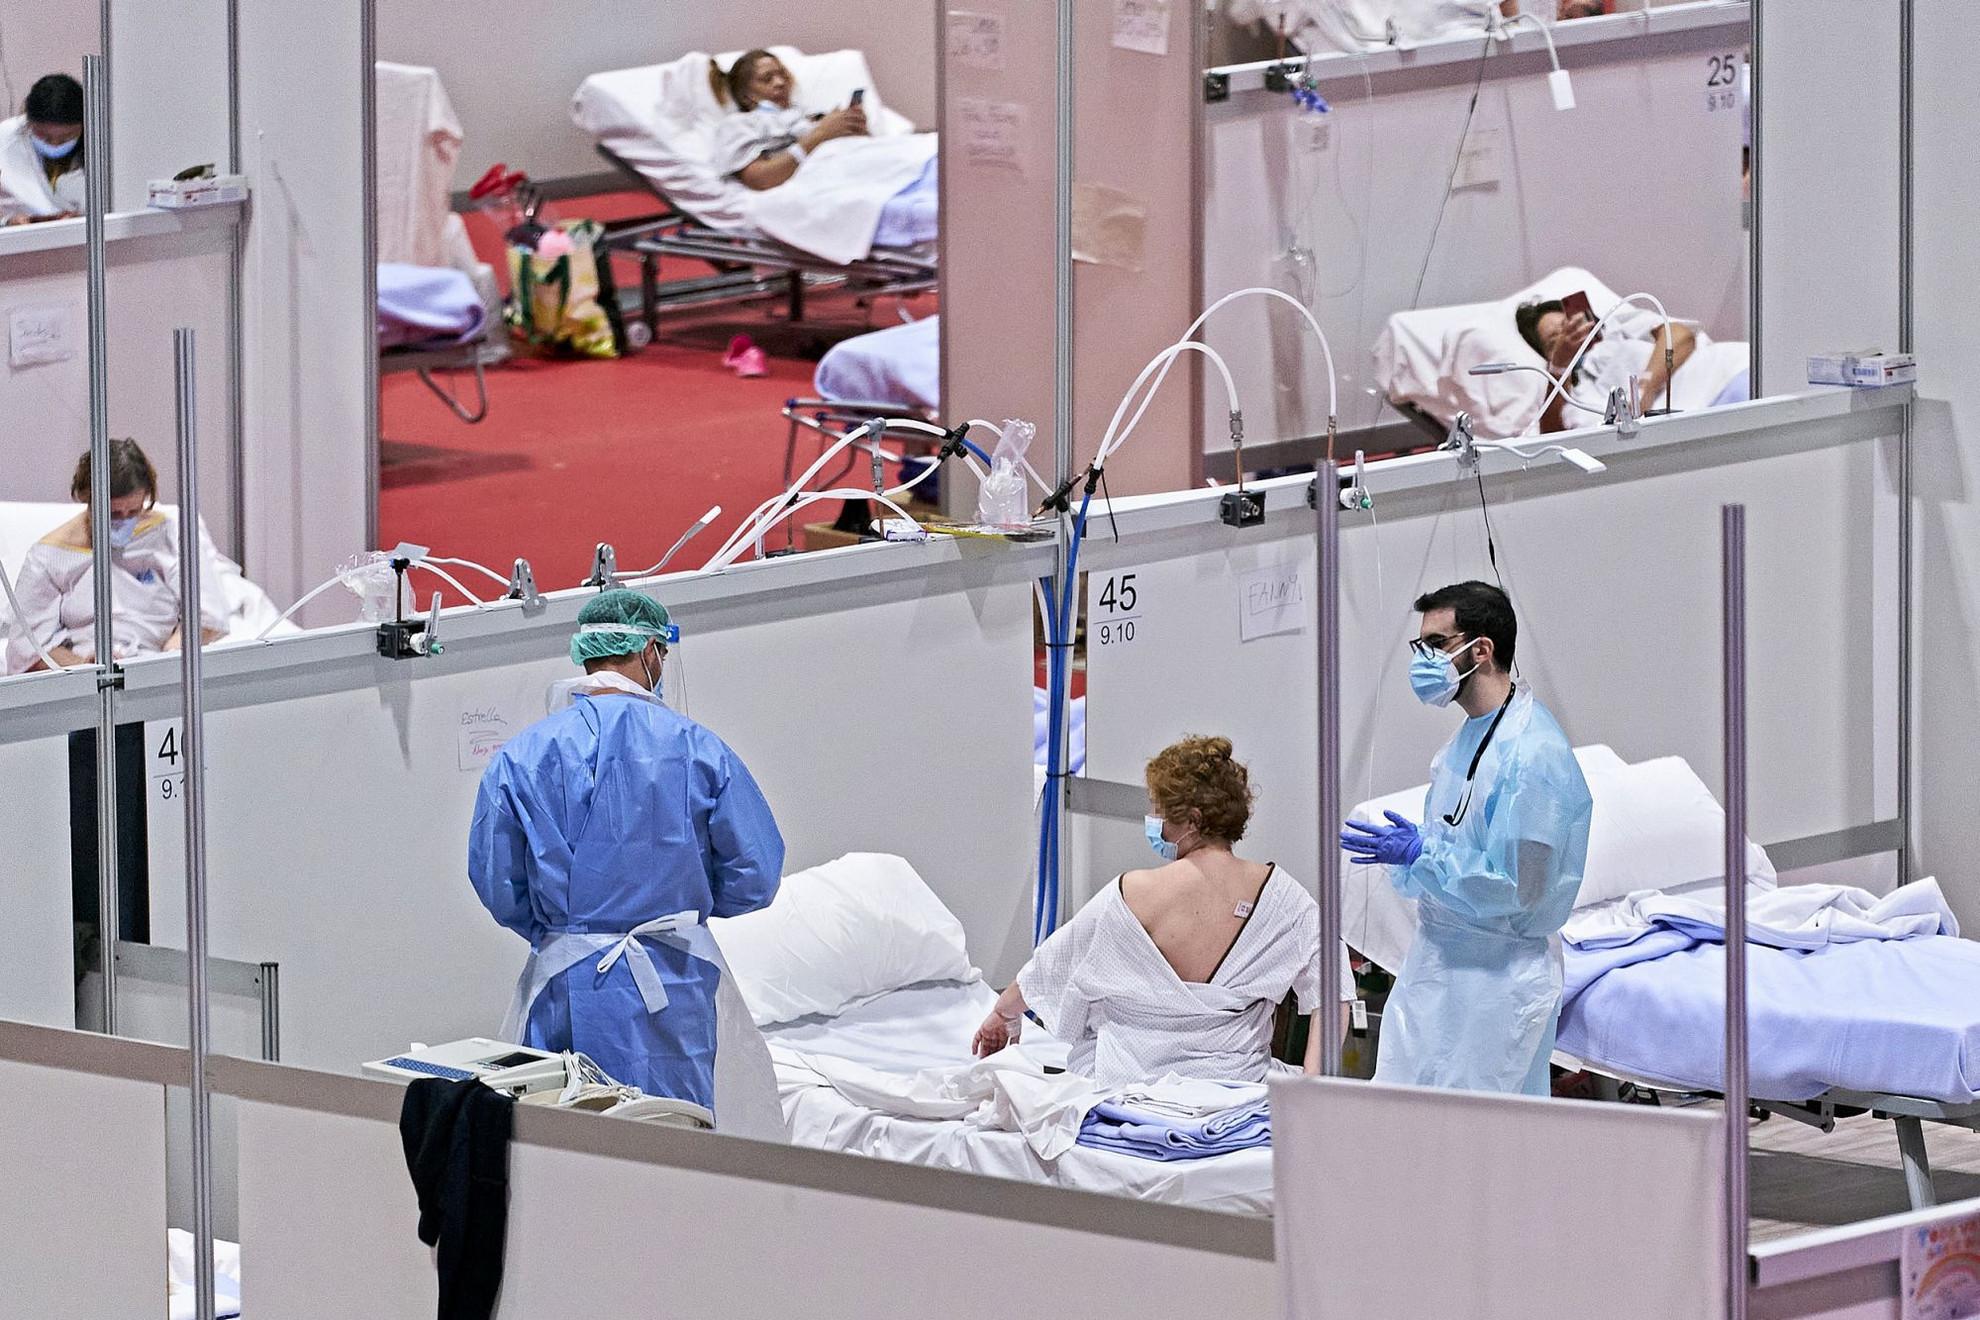 Járványkórház Spanyolországban – még mindig óriási a terhelés az egészségügyön